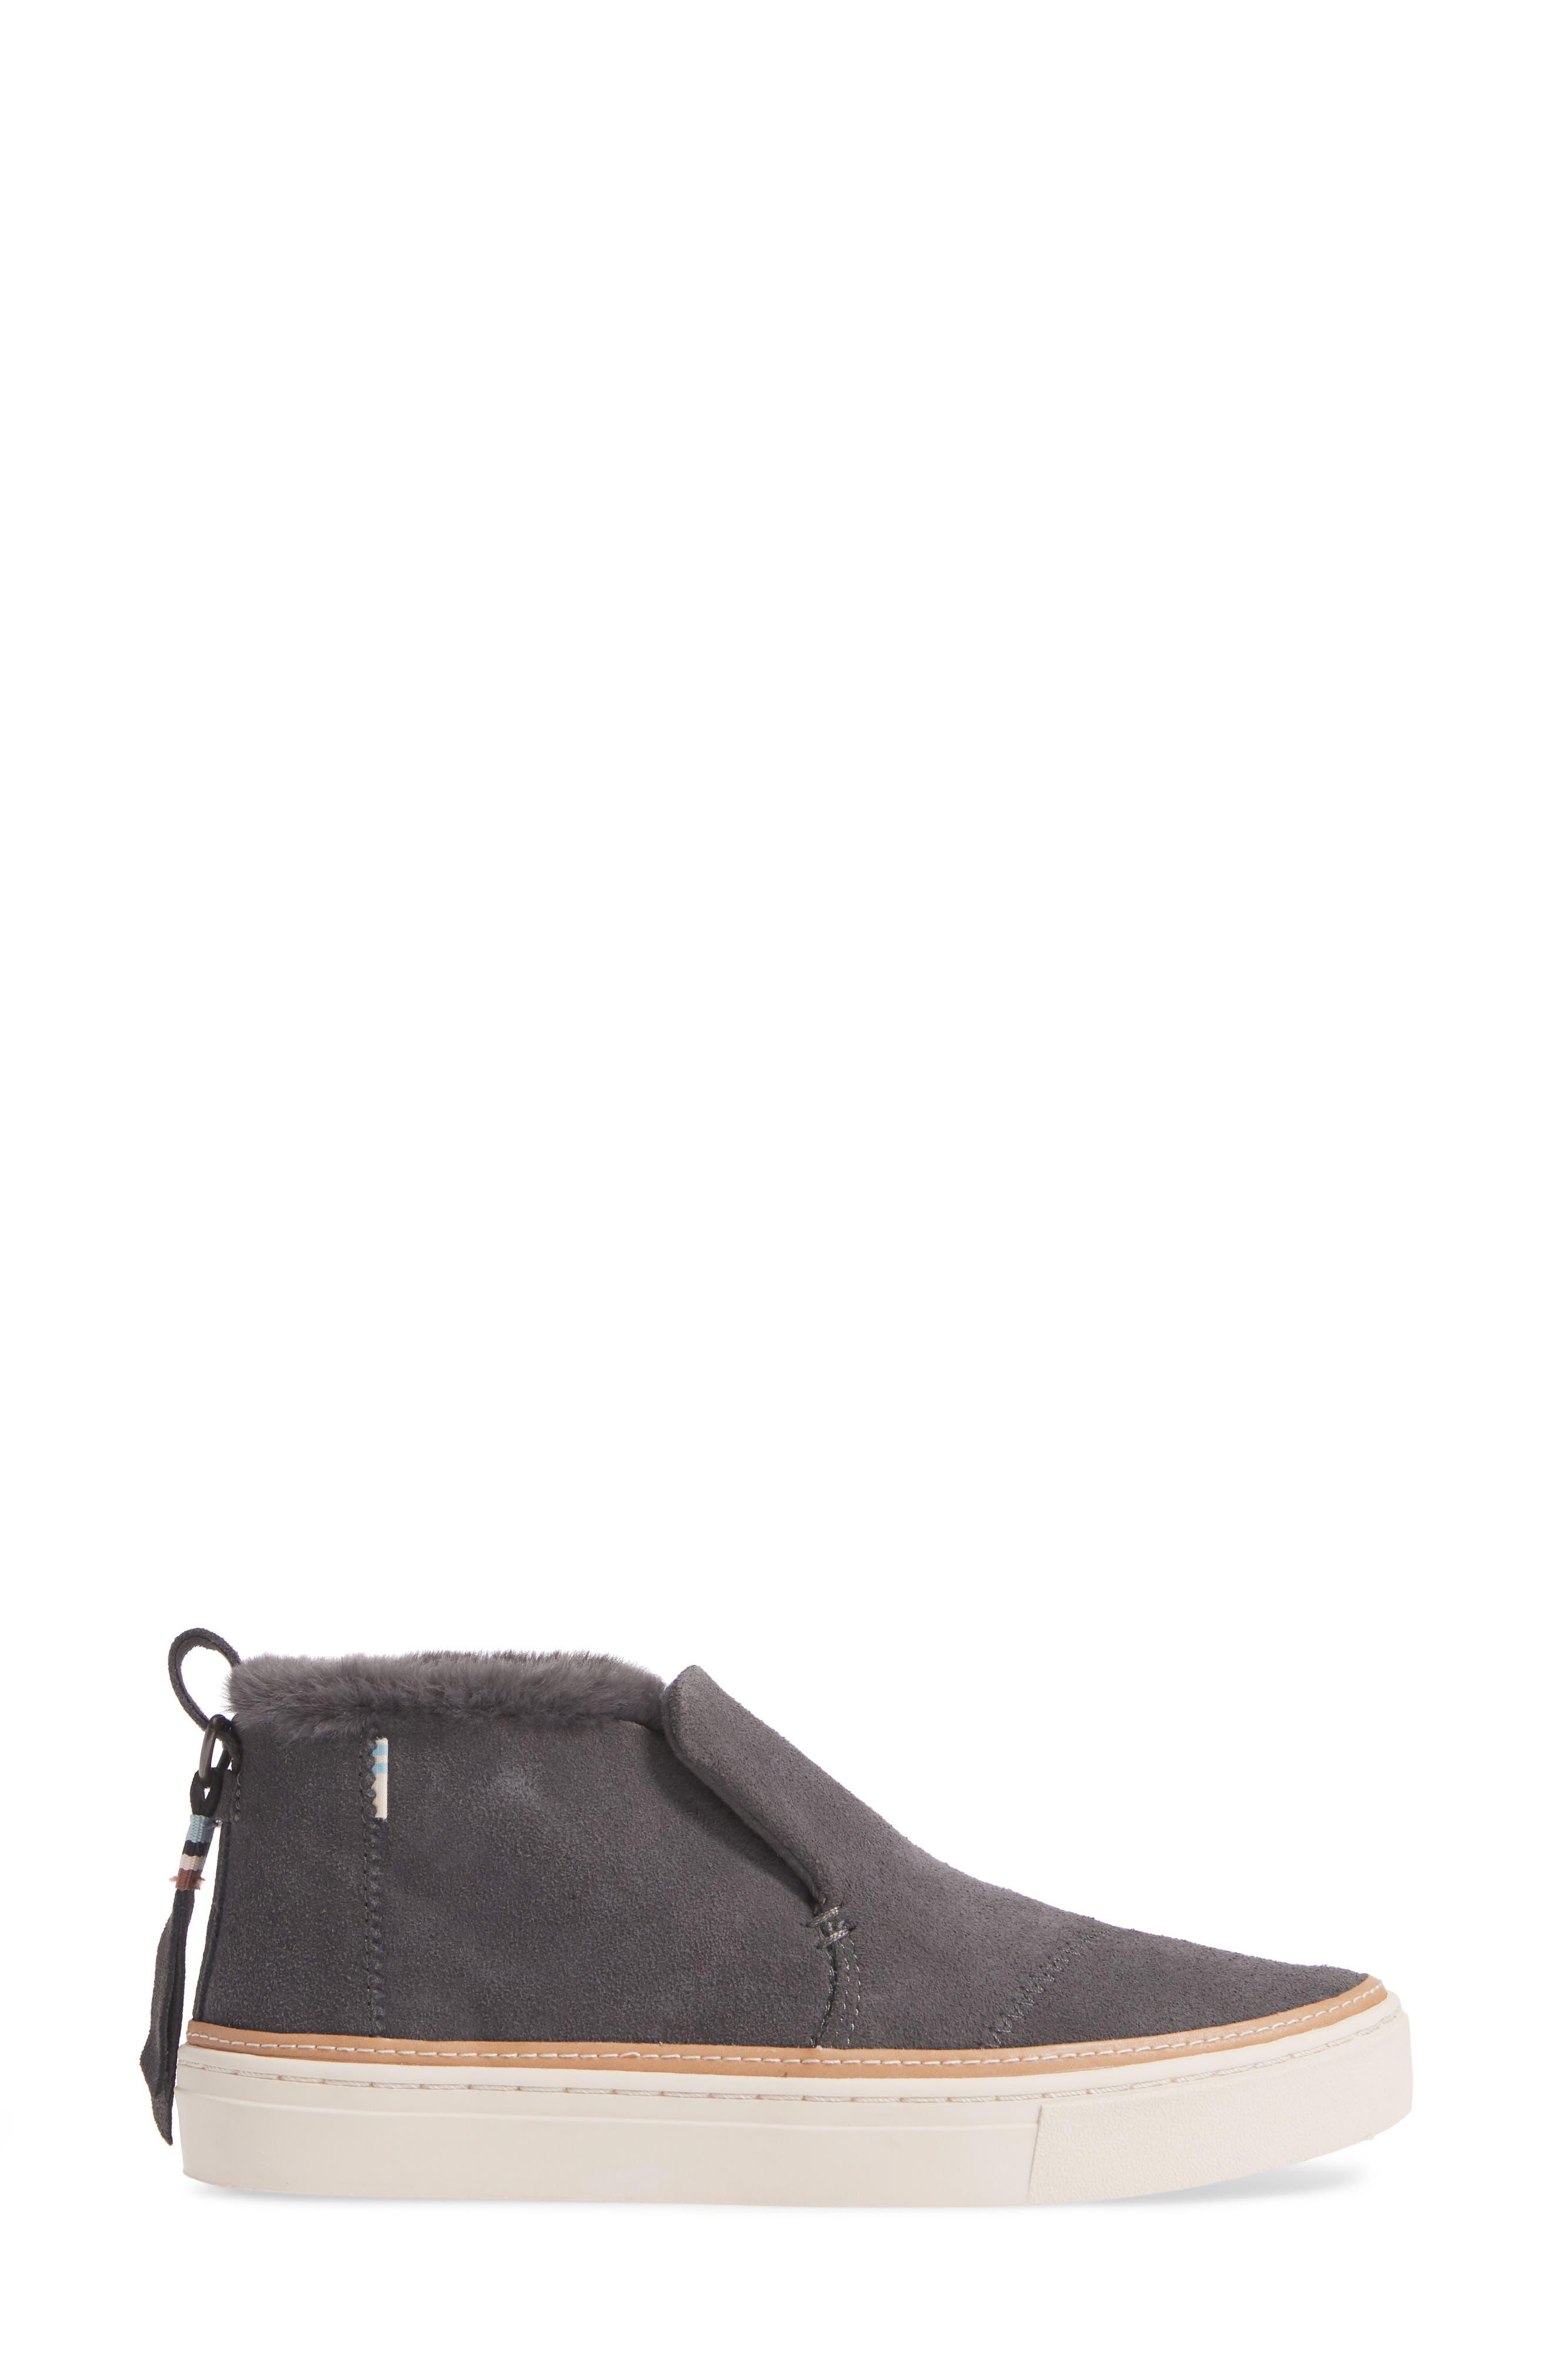 Paxton Slip-On Chukka Sneaker,                             Alternate thumbnail 3, color,                             020